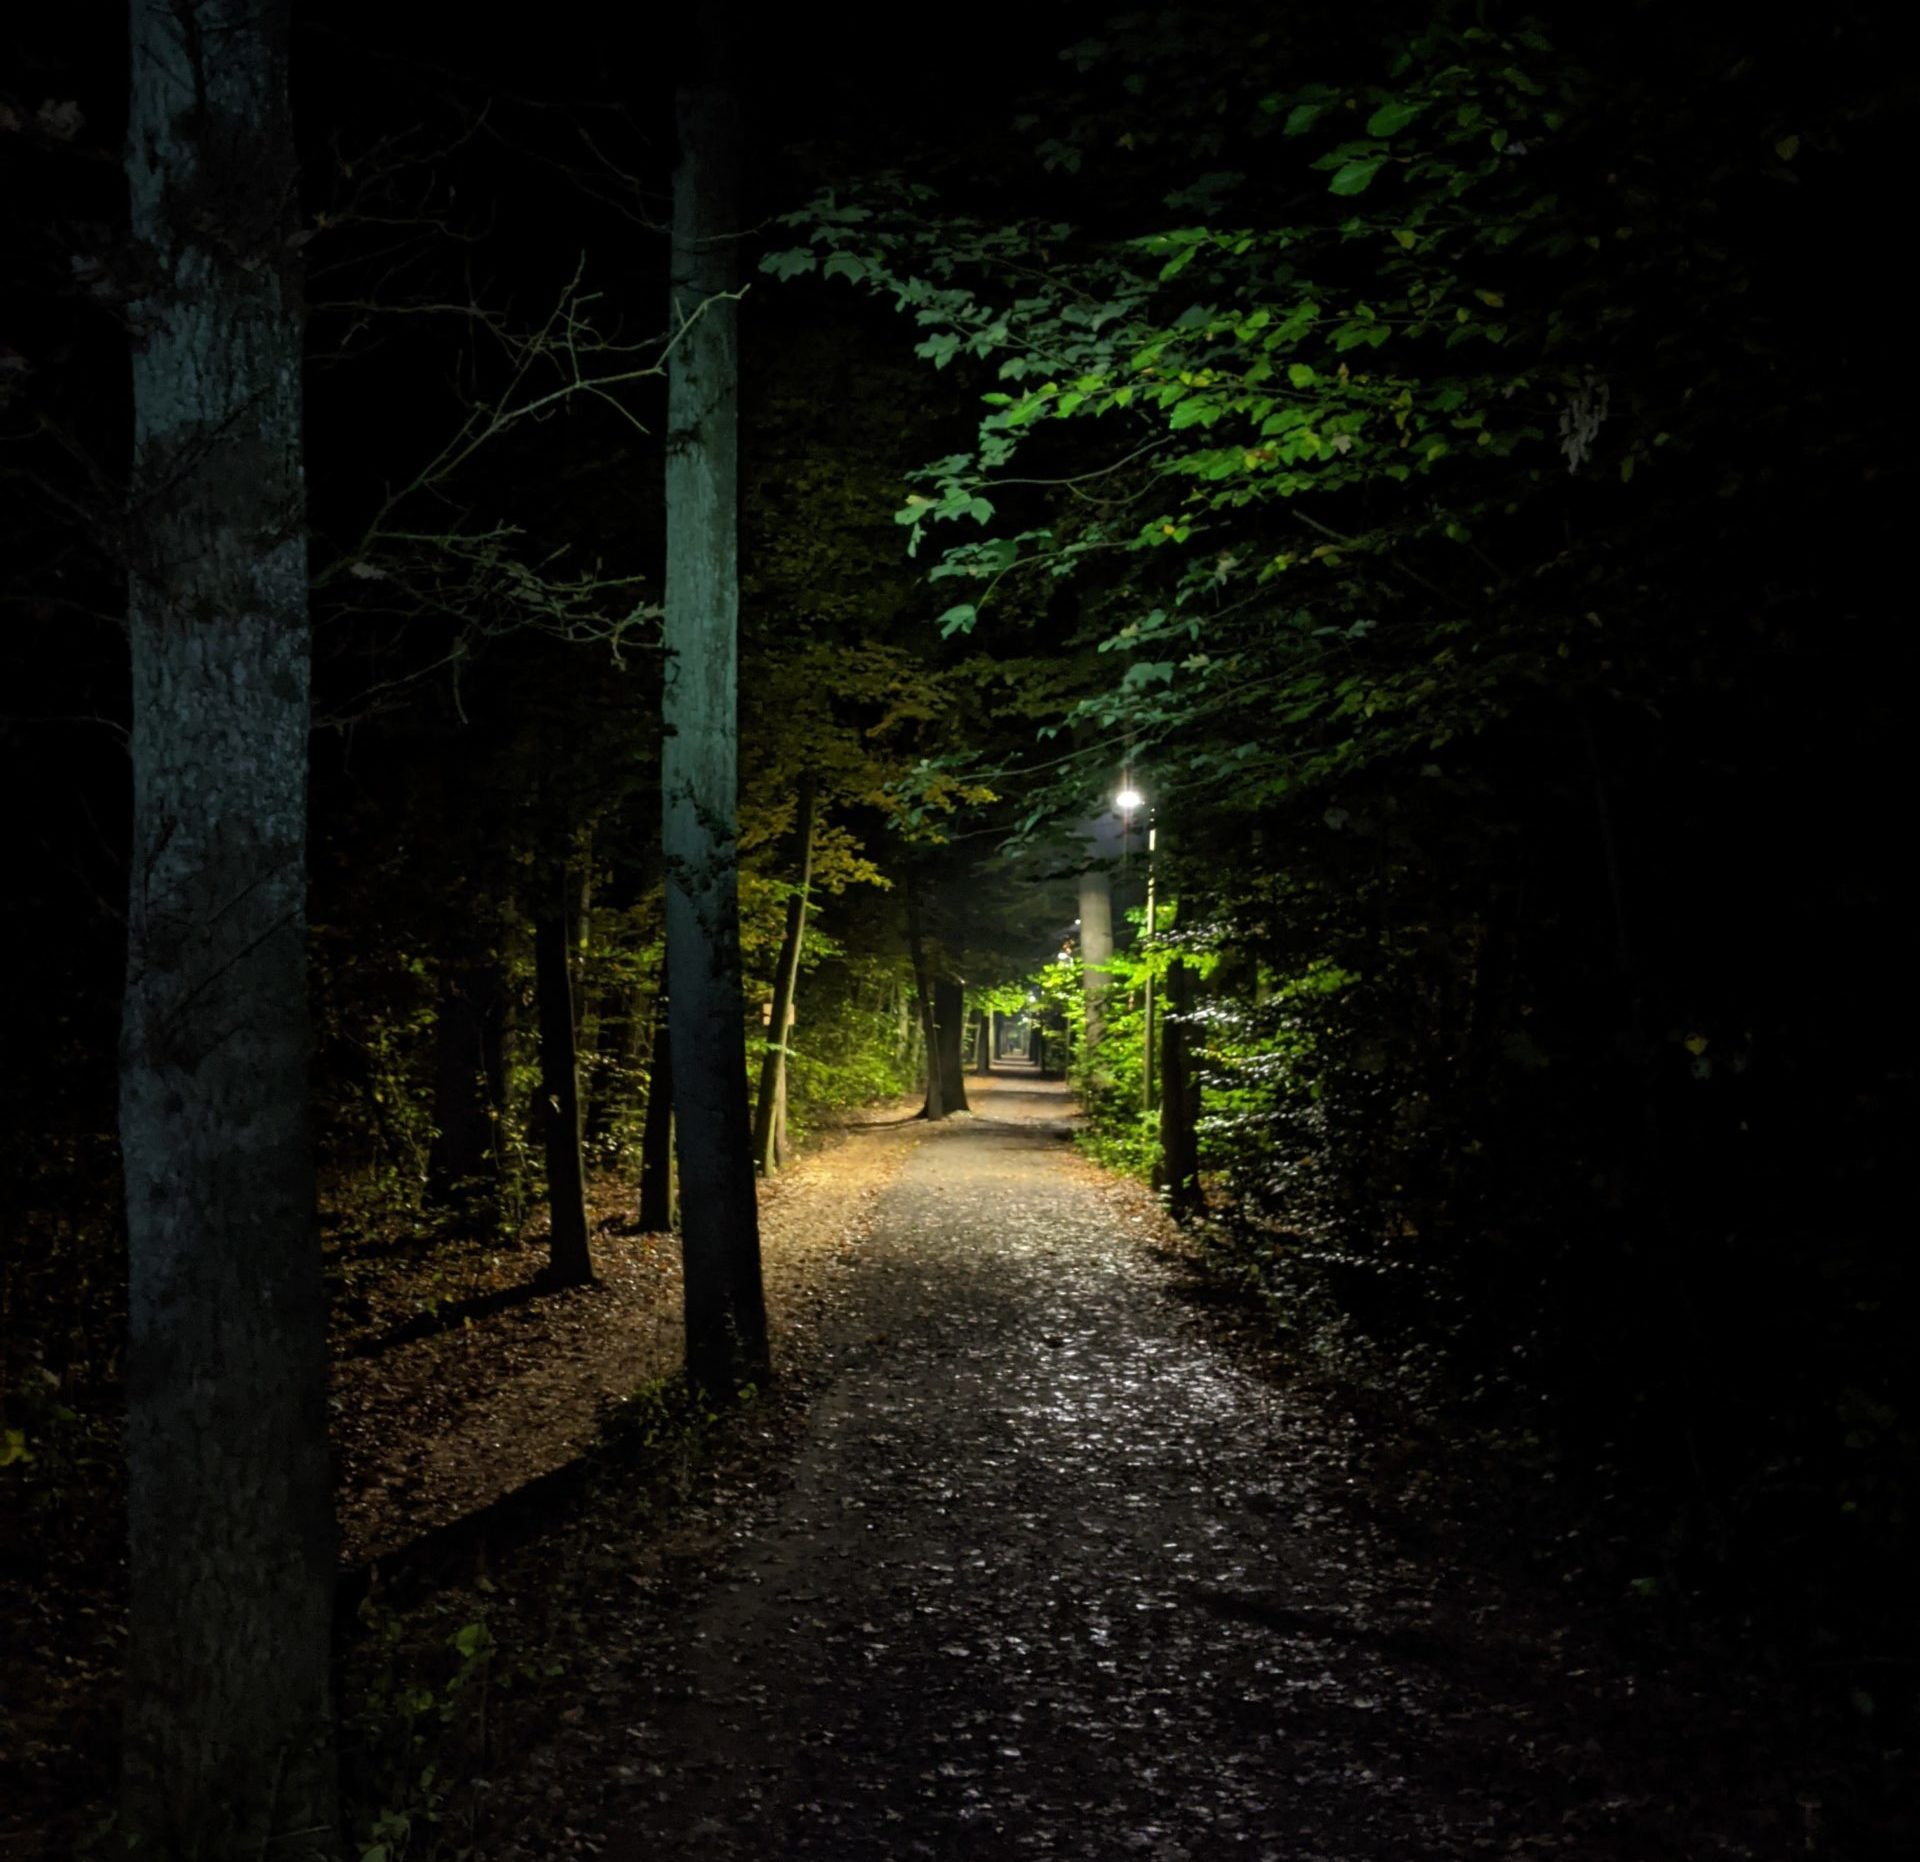 Jog around the blog [395]: Keine halbe Sachen mehr!